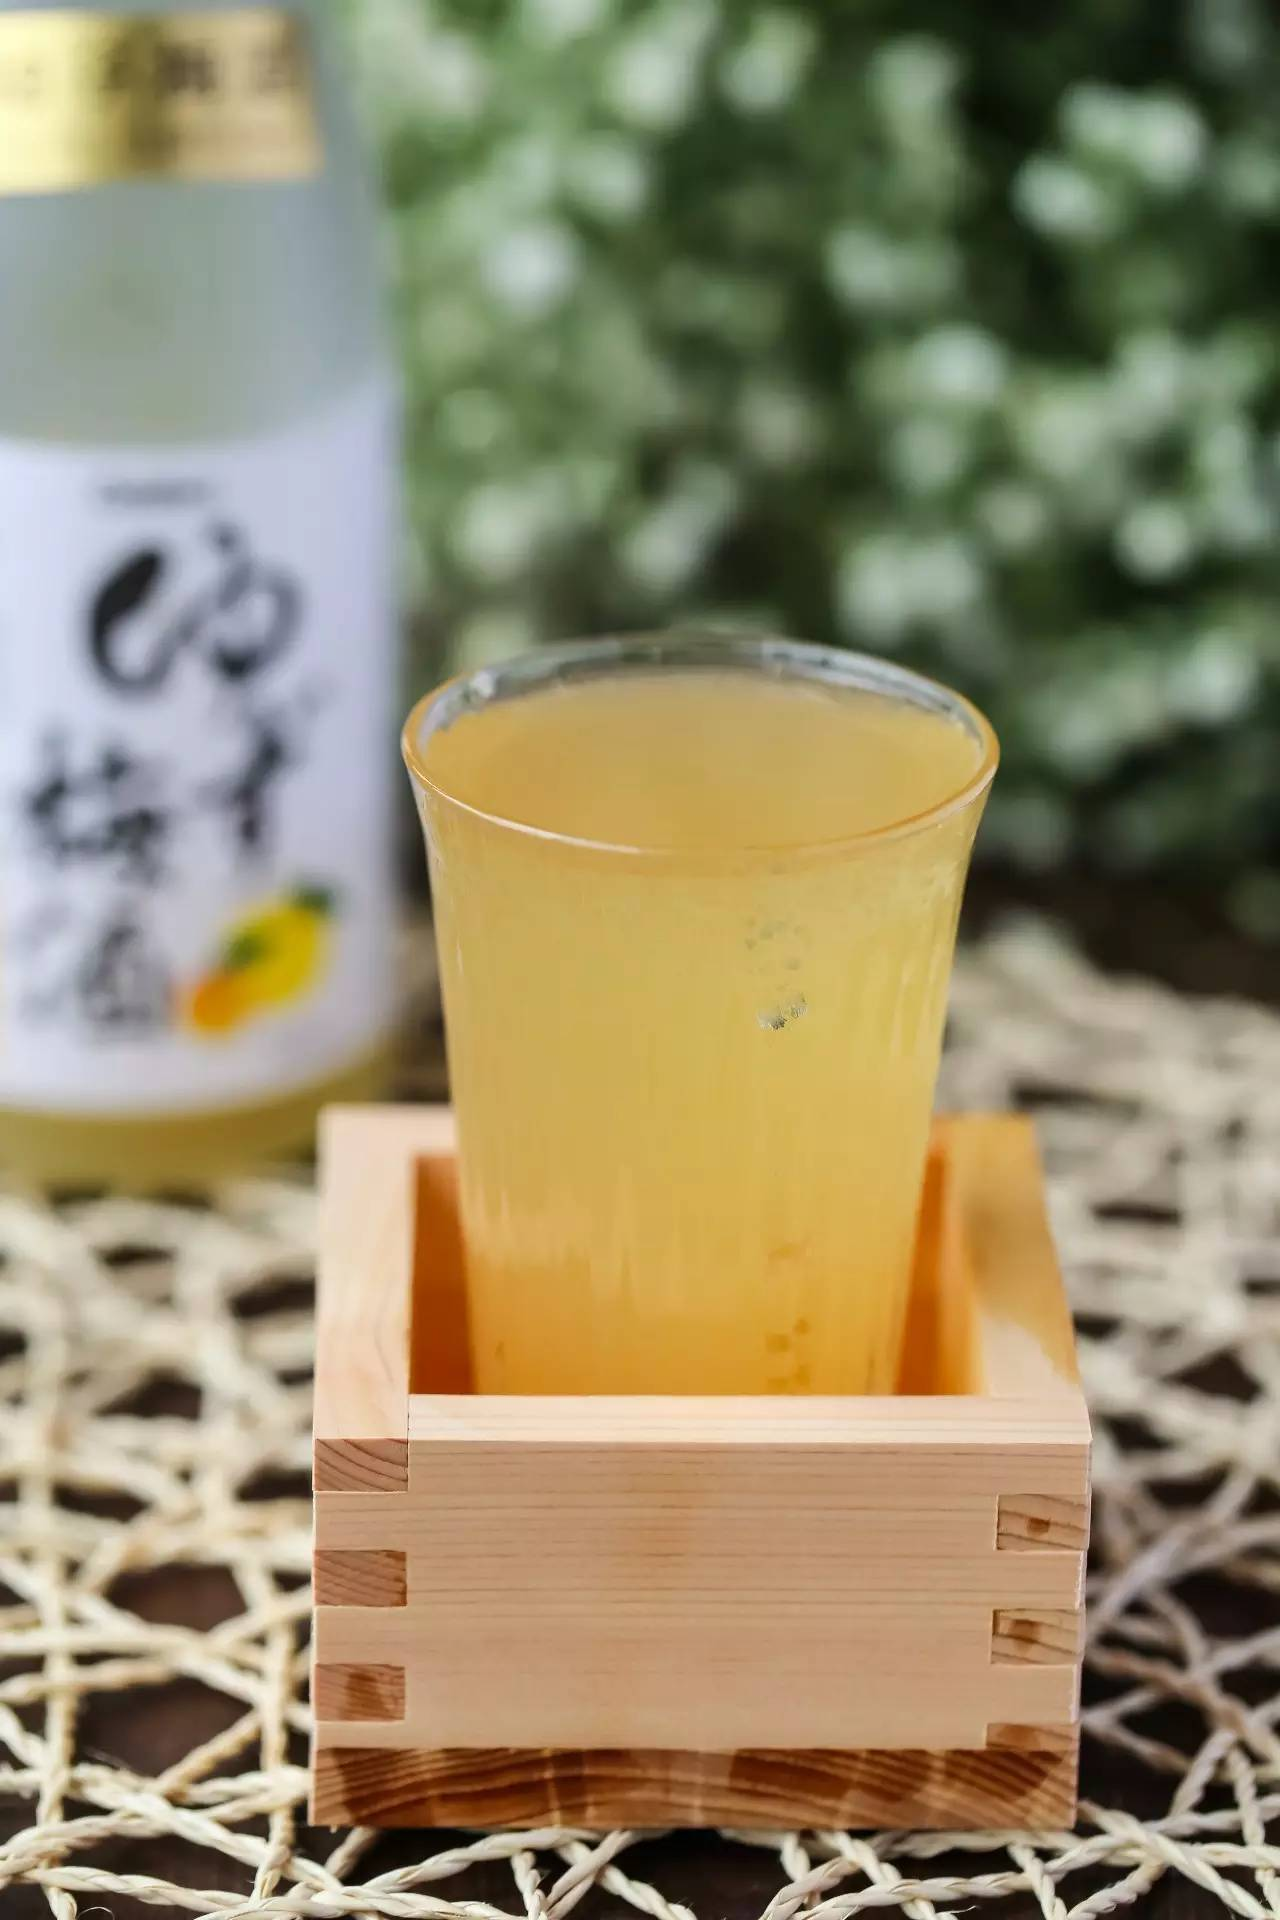 种草 | 爱上这瓶梅酒,满溢柚子的香气,清冽自然